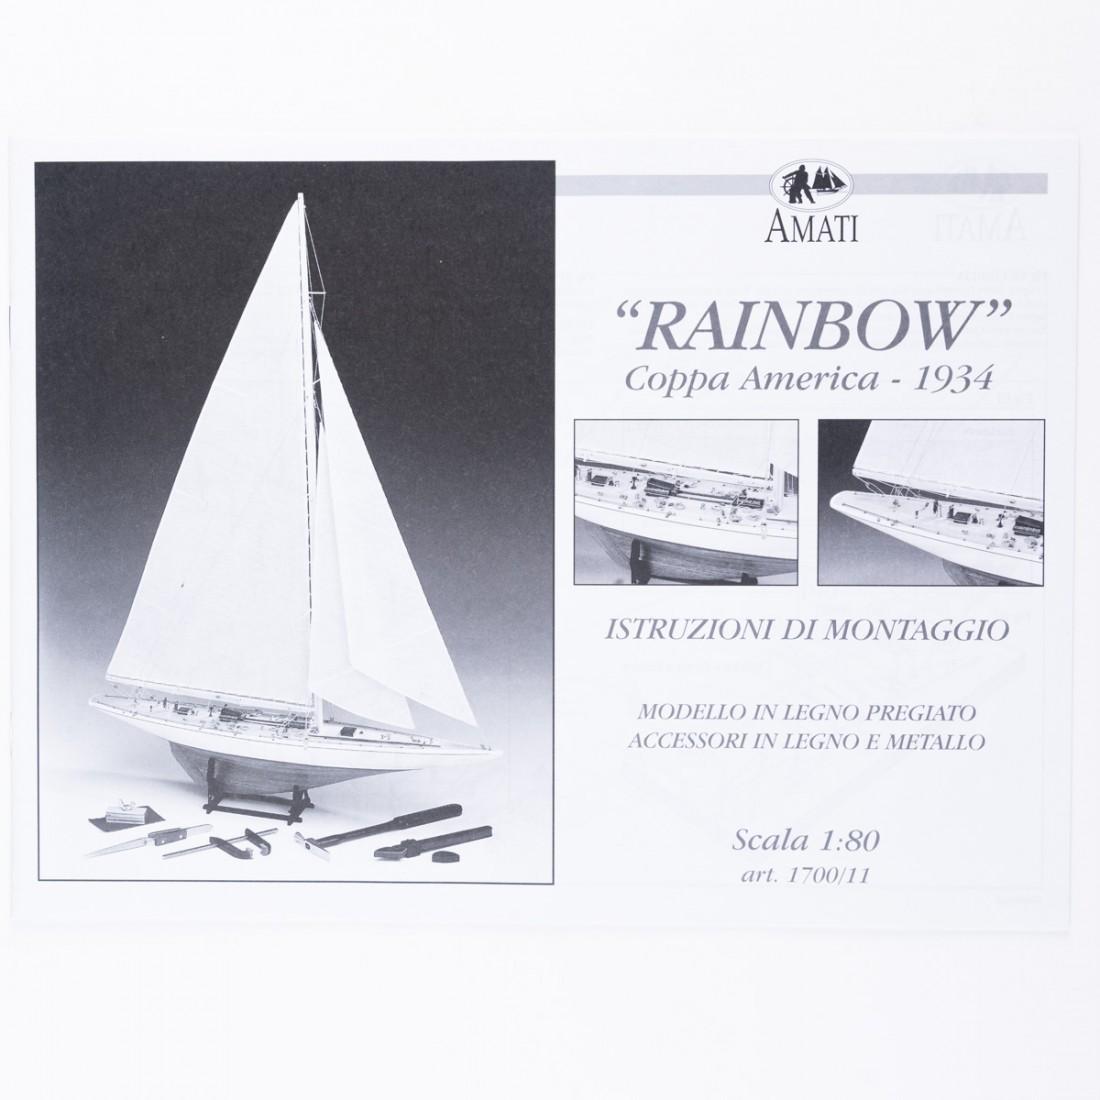 Piano costruzione Rainbow